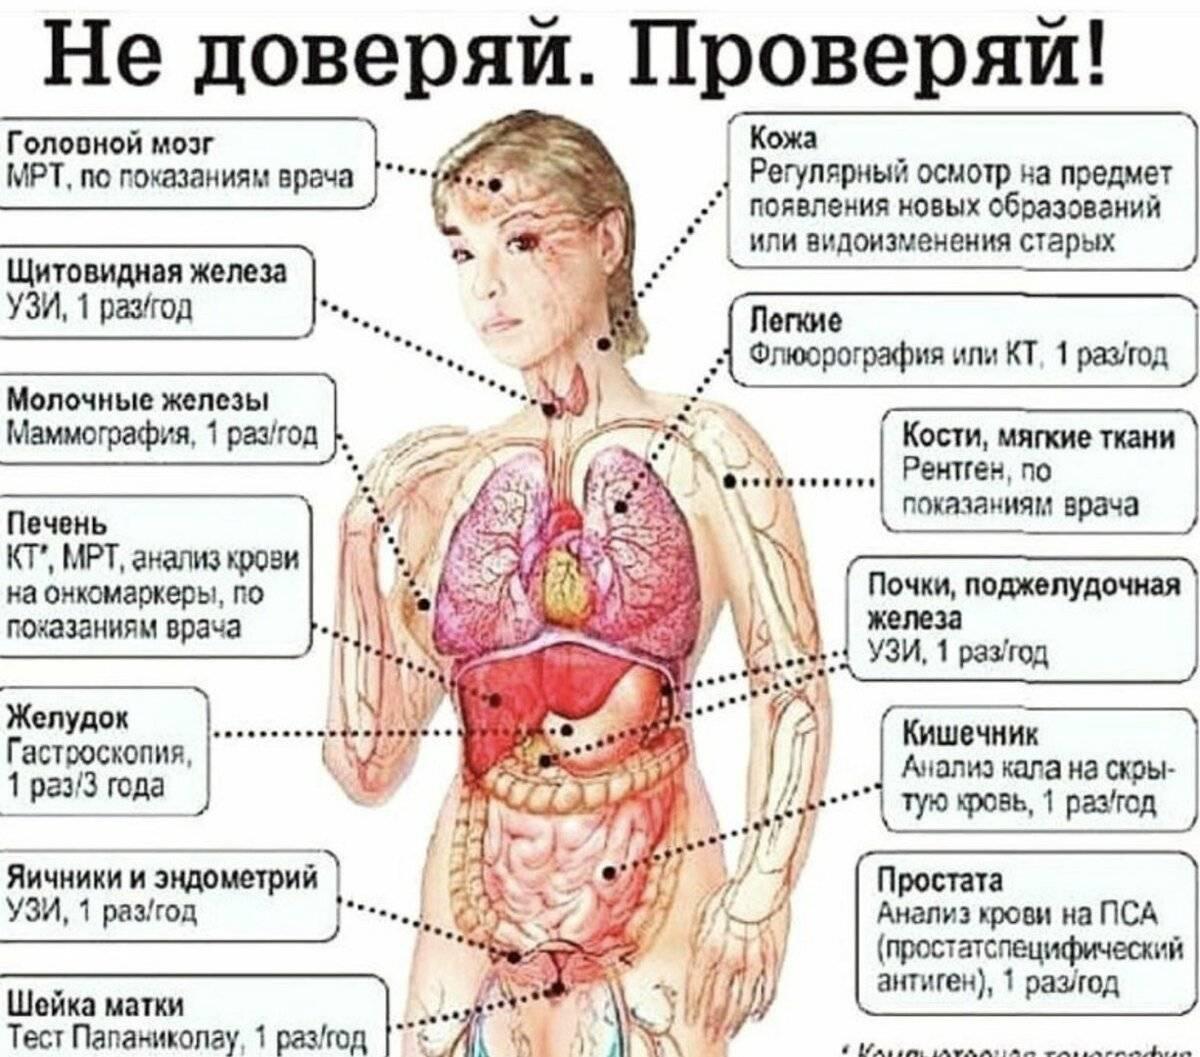 Как называется врач, который лечит печень? к какому врачу обратиться, если болит печень к какому врачу обращаться для обследования печени